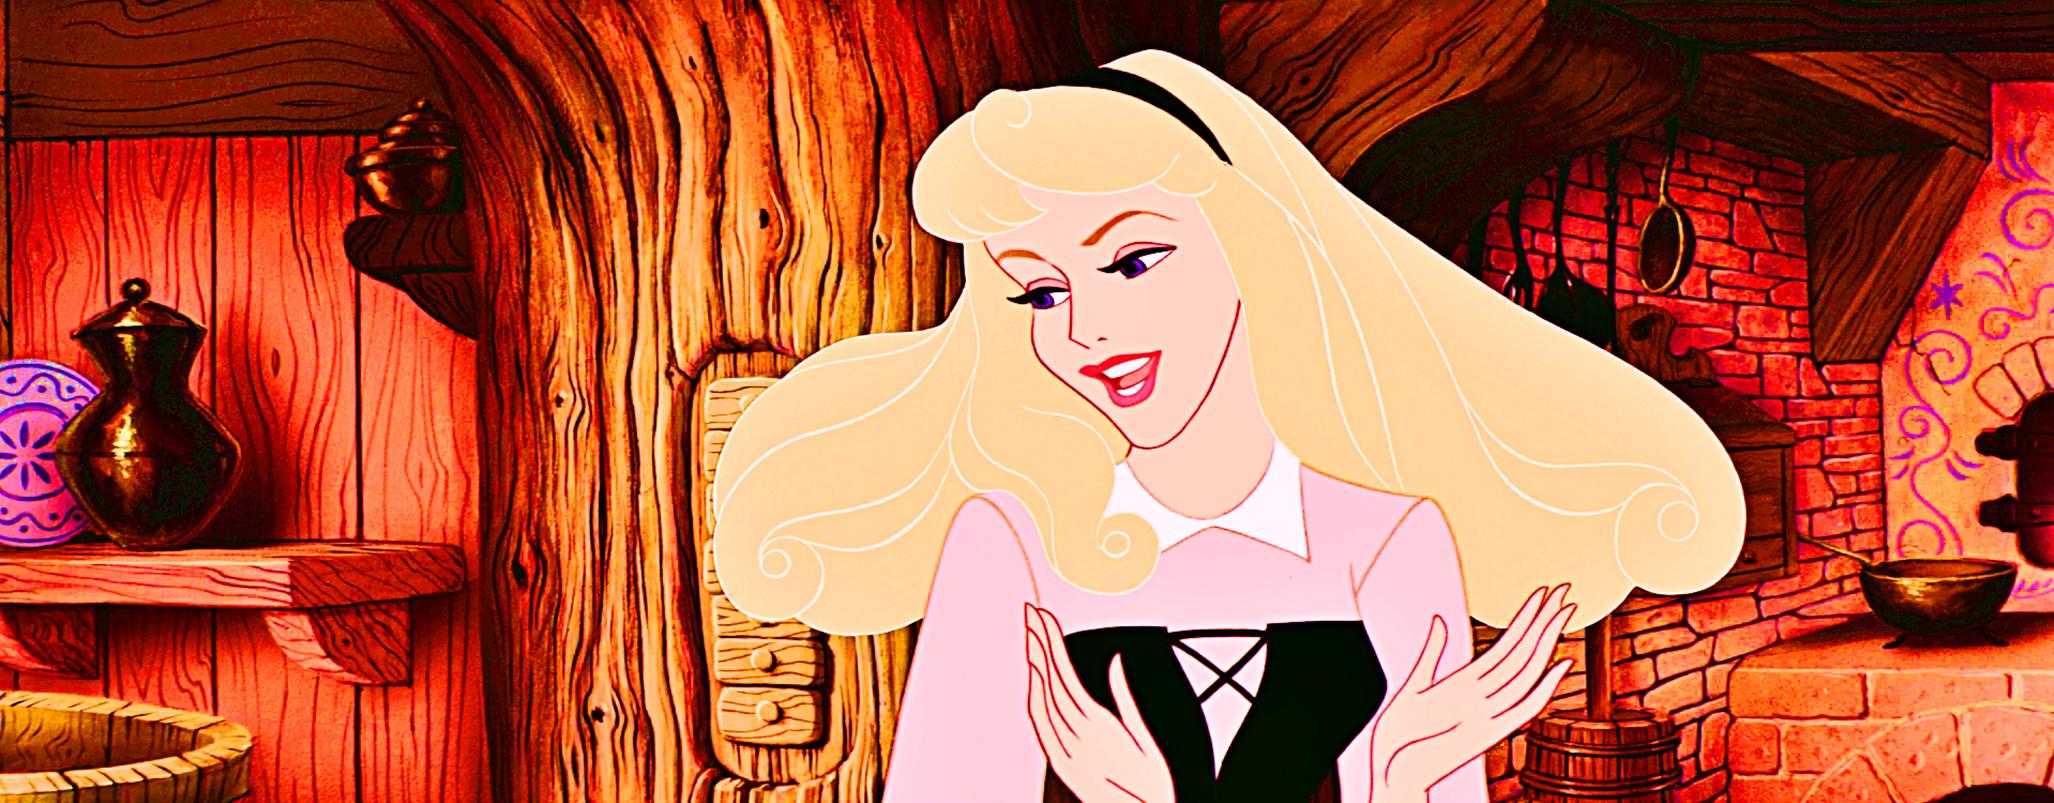 personagens de walt disney imagens Walt disney Screencaps – Princess